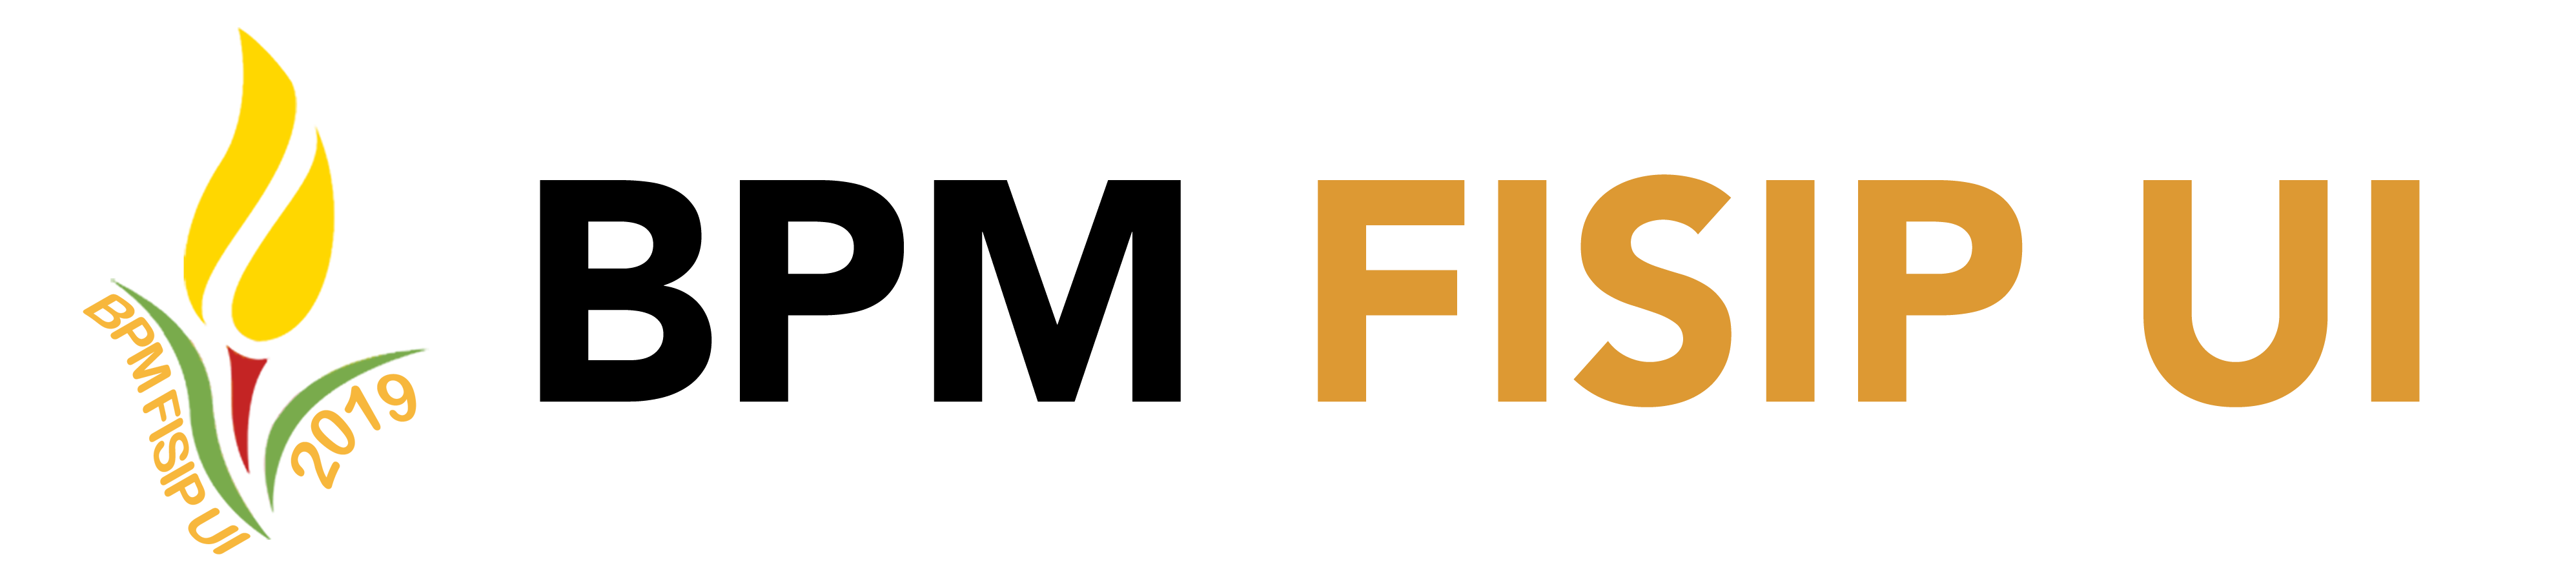 BPM FISIP UI